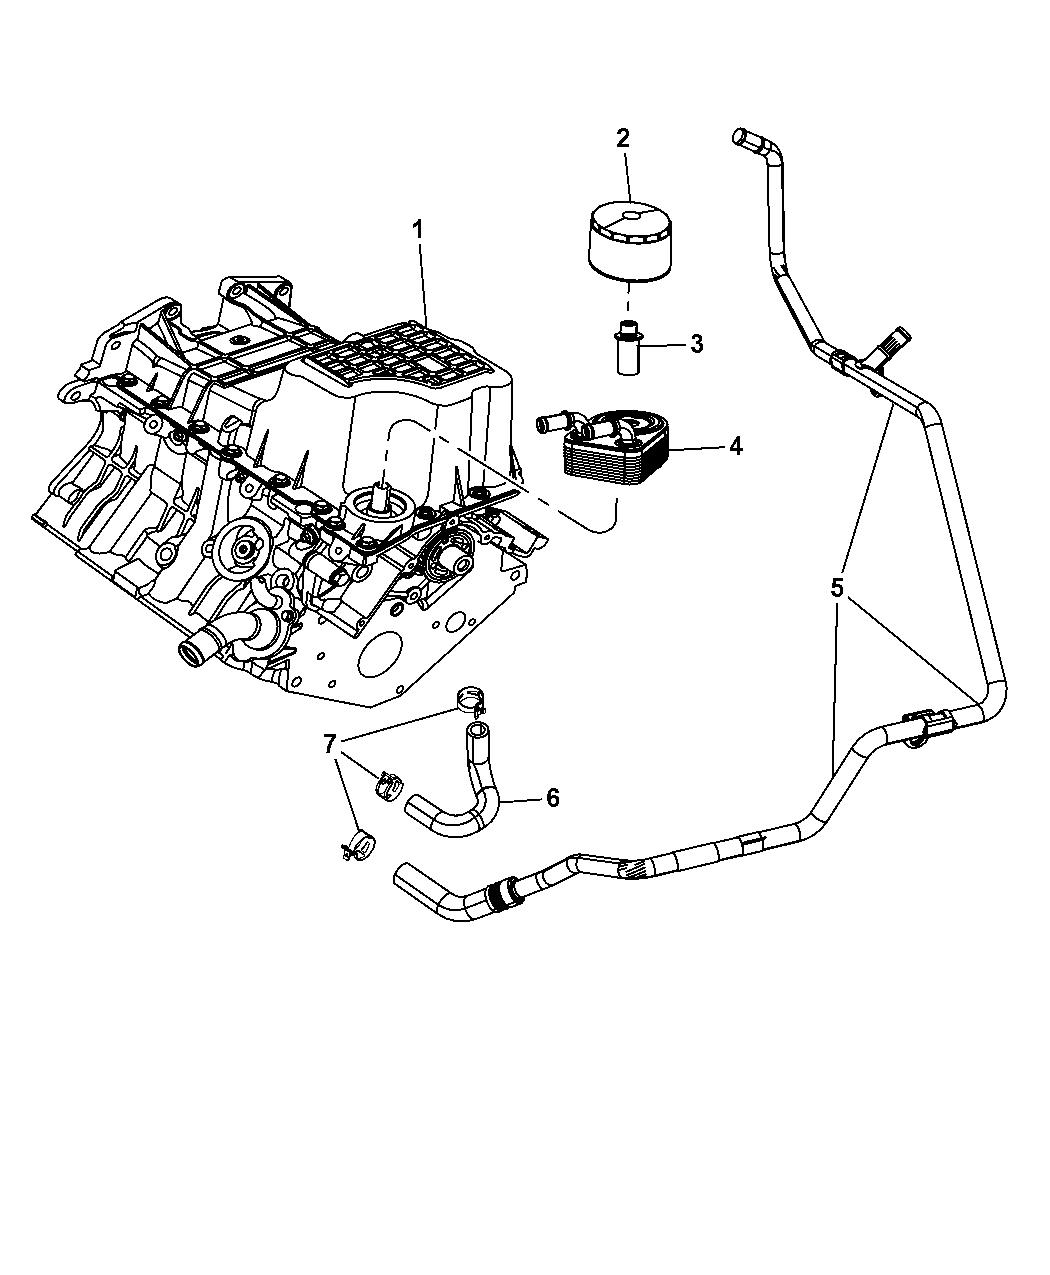 2007 Chrysler 300 Engine Oiling Pump Pan Filter Indicatoroil Timing Belt Touring Cooler